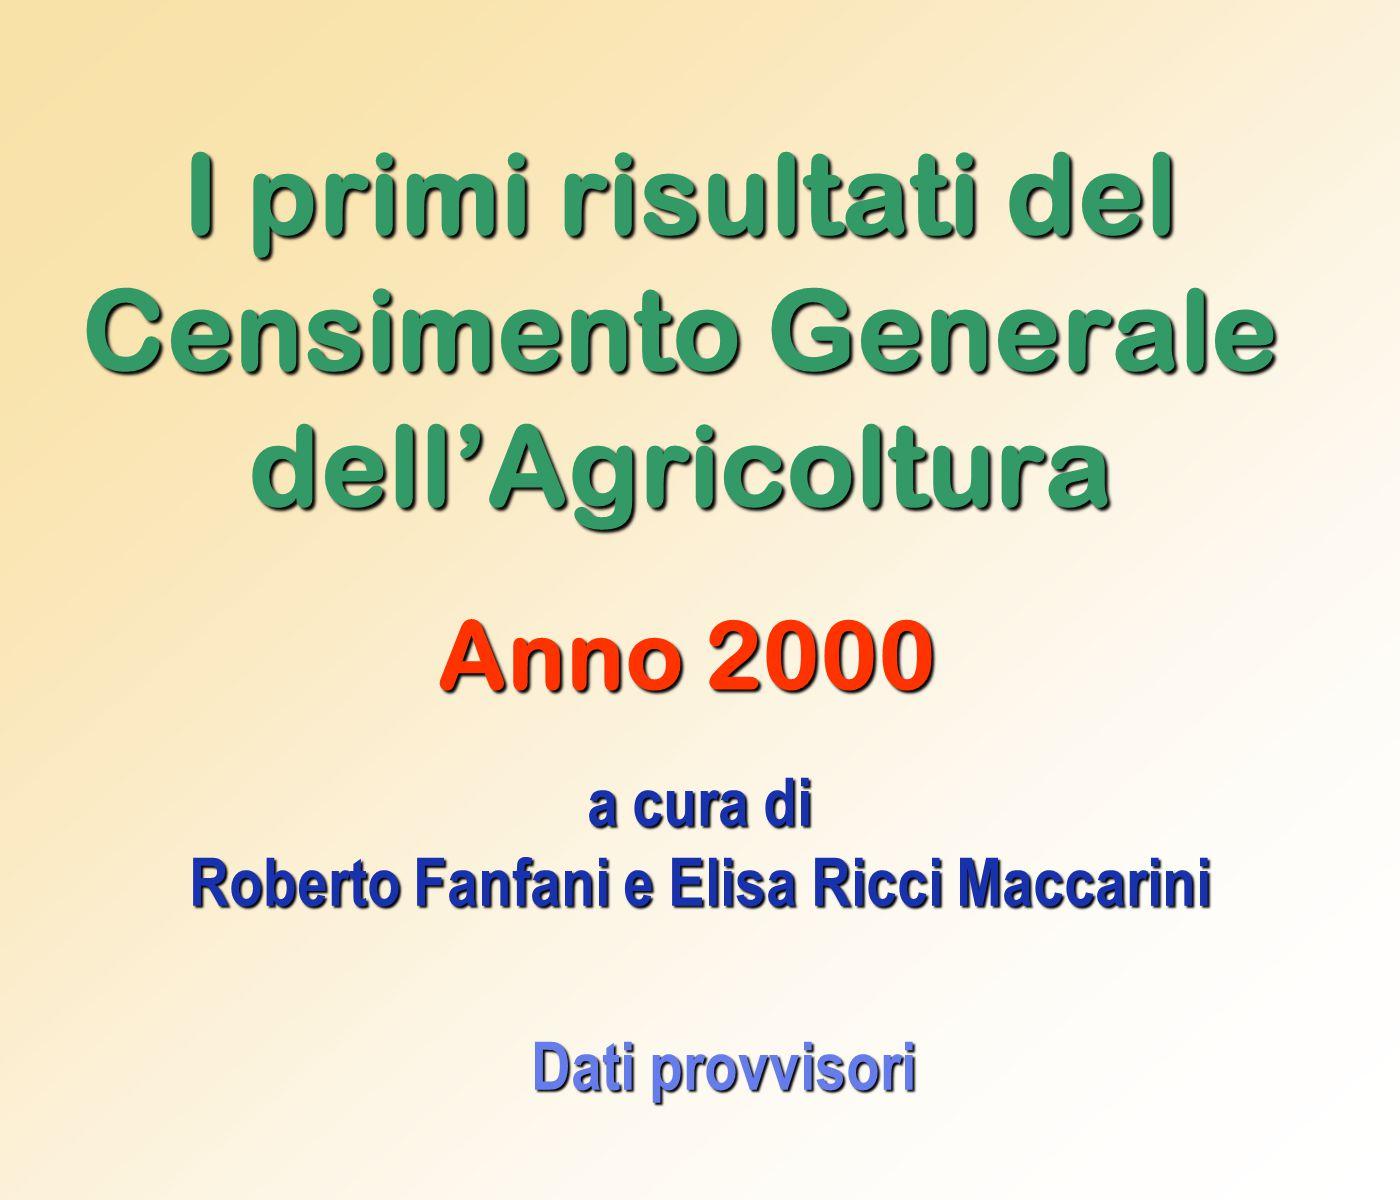 I primi risultati del Censimento Generale dell'Agricoltura Anno 2000 a cura di Roberto Fanfani e Elisa Ricci Maccarini Dati provvisori